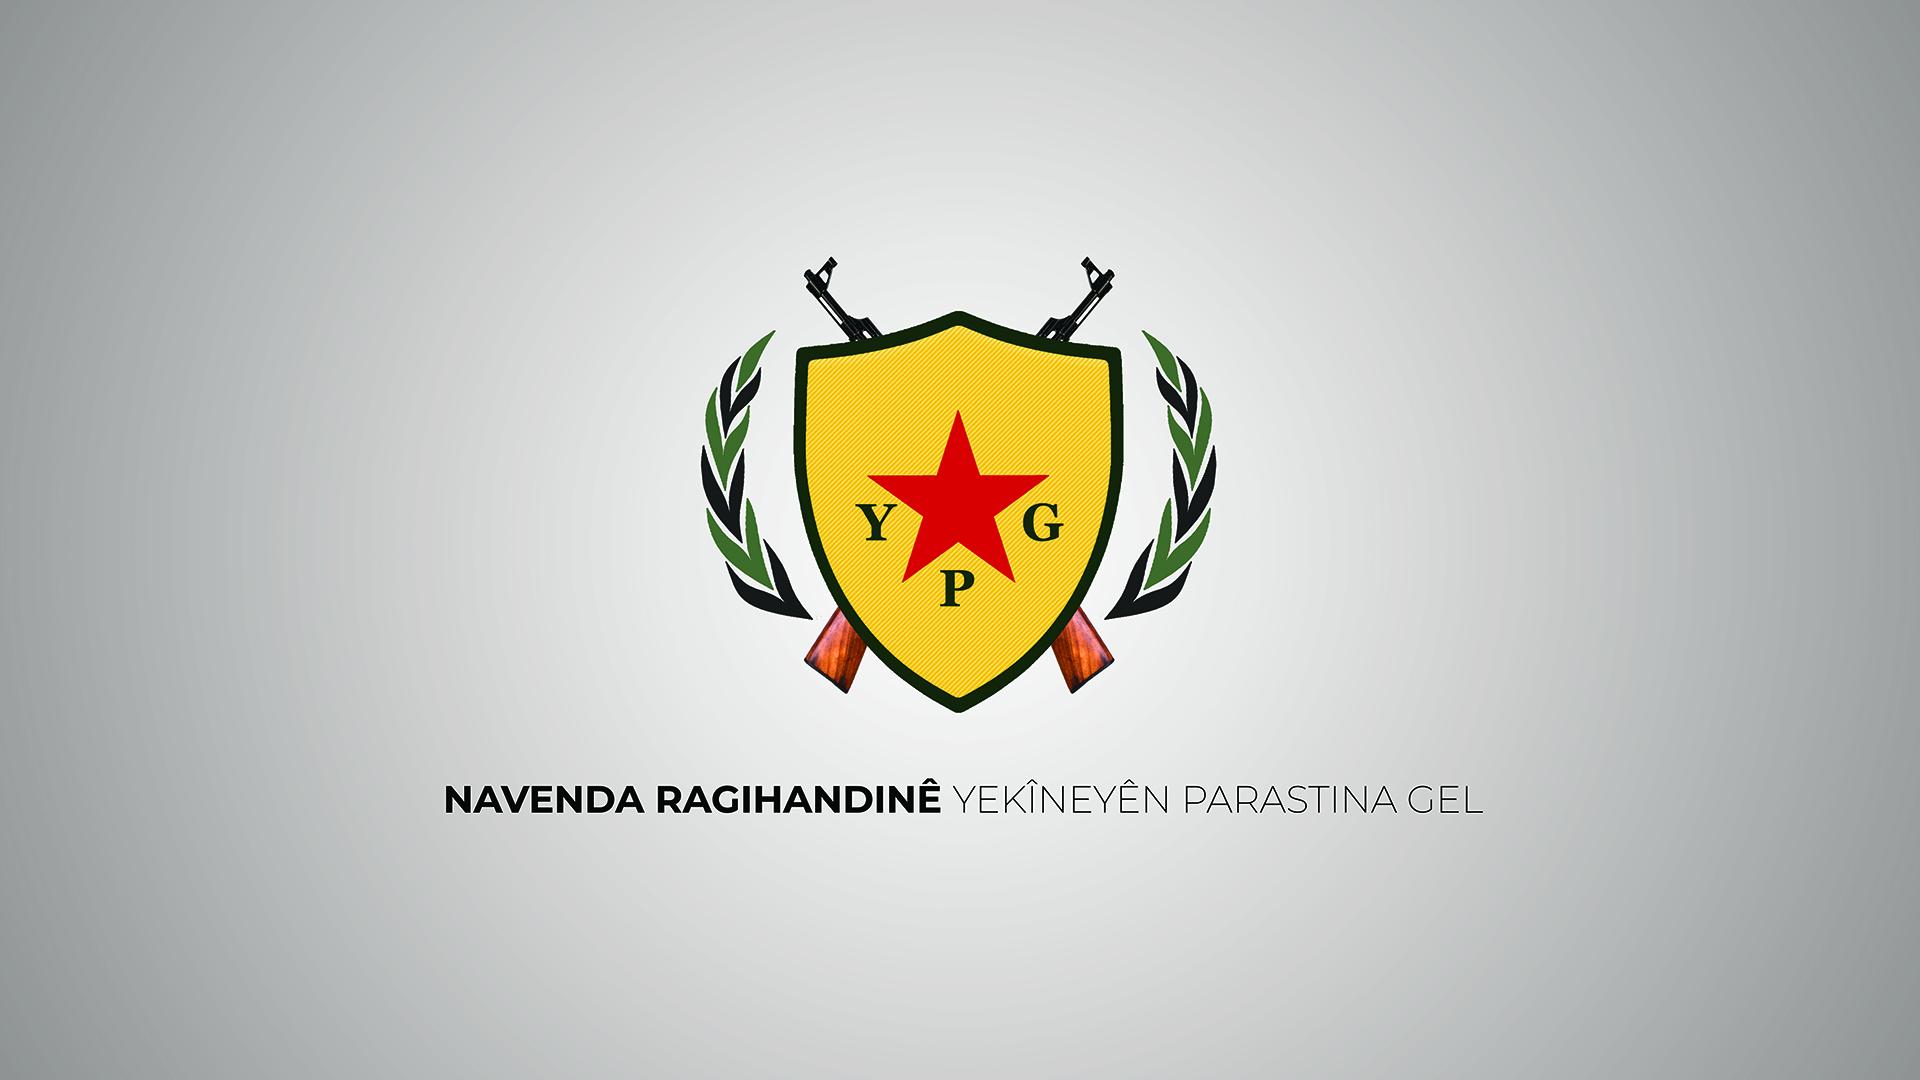 Photo of YPG`Ê ÇALAKIYÊN KU BI RIYA MEDYAYA CIVAKÎ TÊ PARVEKIRIN NE ÇALAKIYÊN ME NE